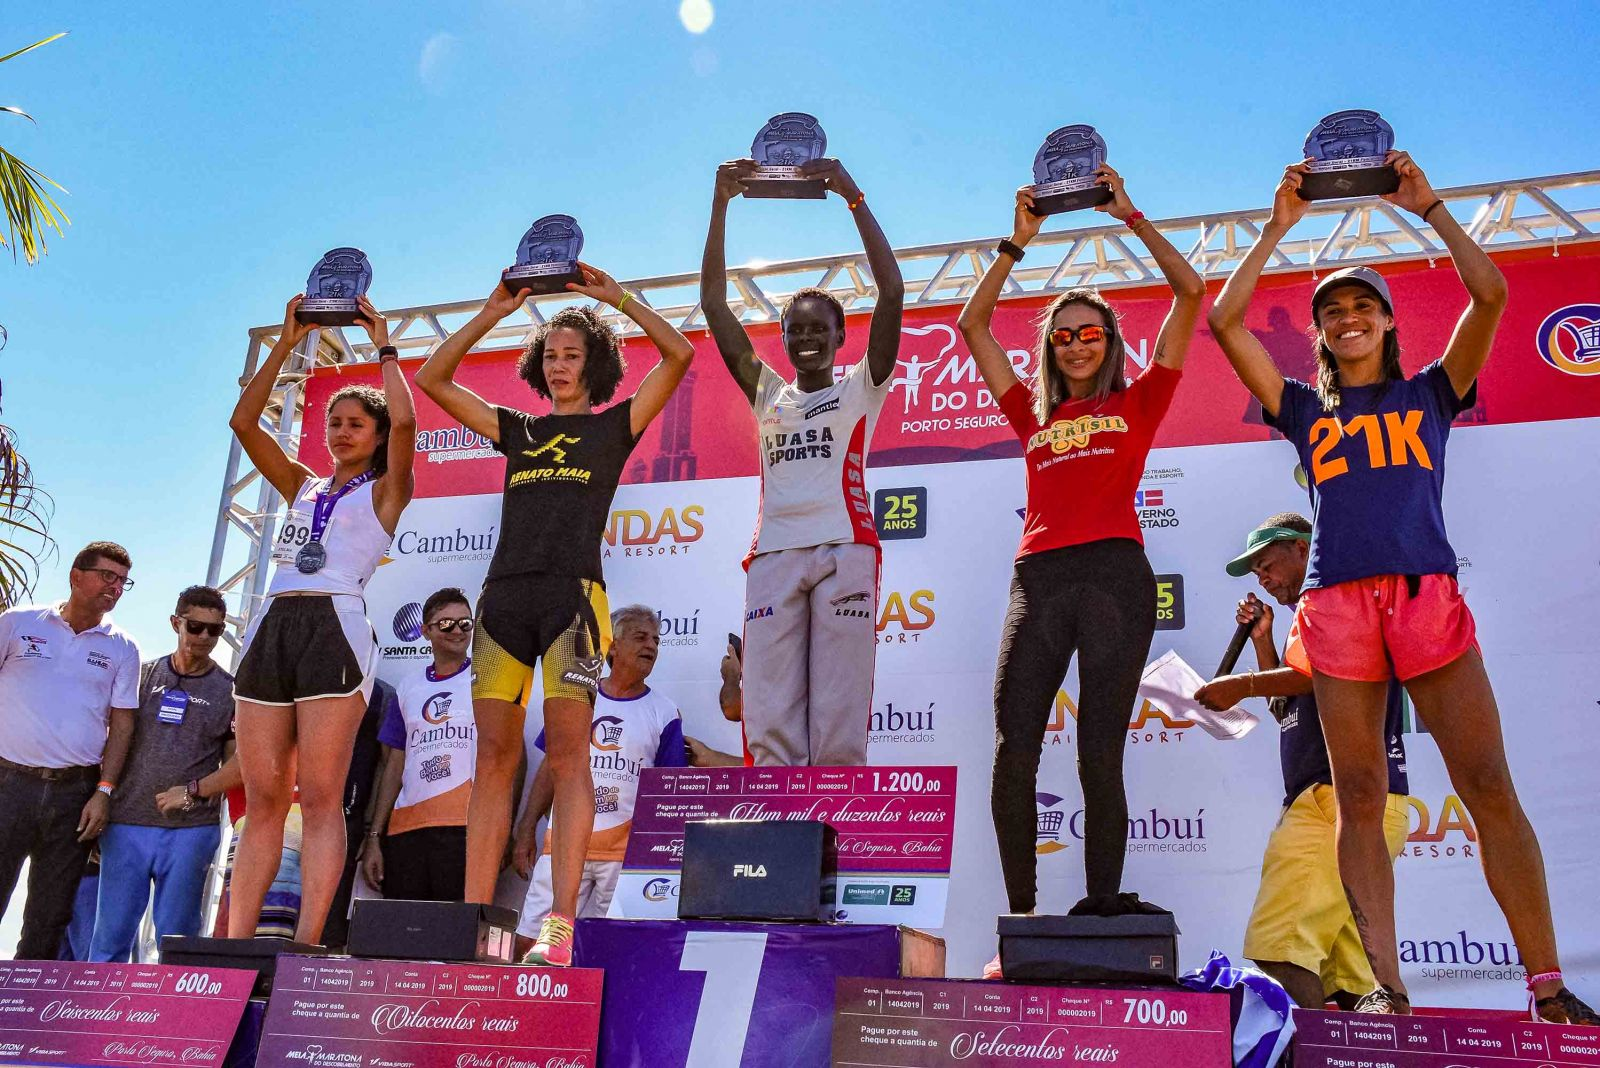 Meia Maratona do Descobrimento bate recorde de competidores em Porto Seguro